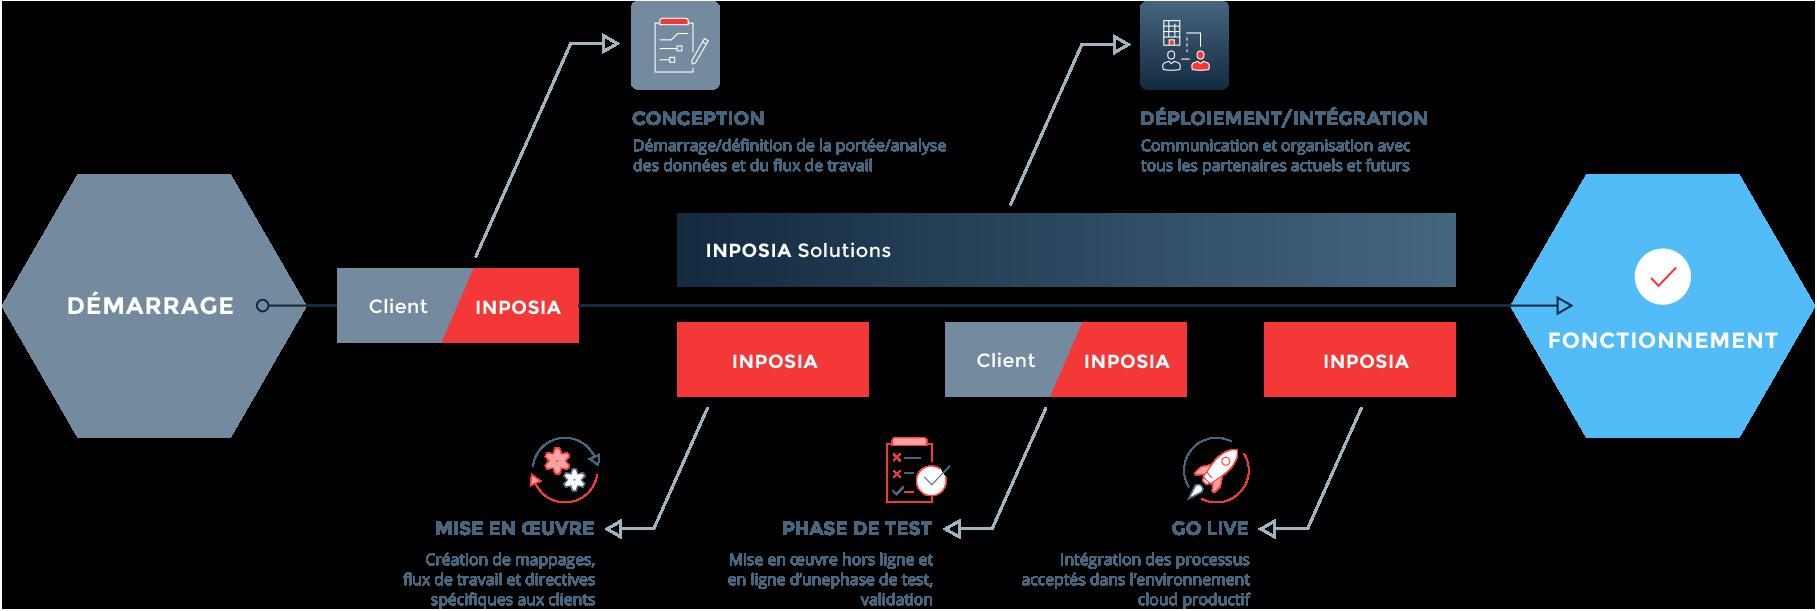 le processus EDI INPOSIA lors de la conversion à l'échange de données informatisé.